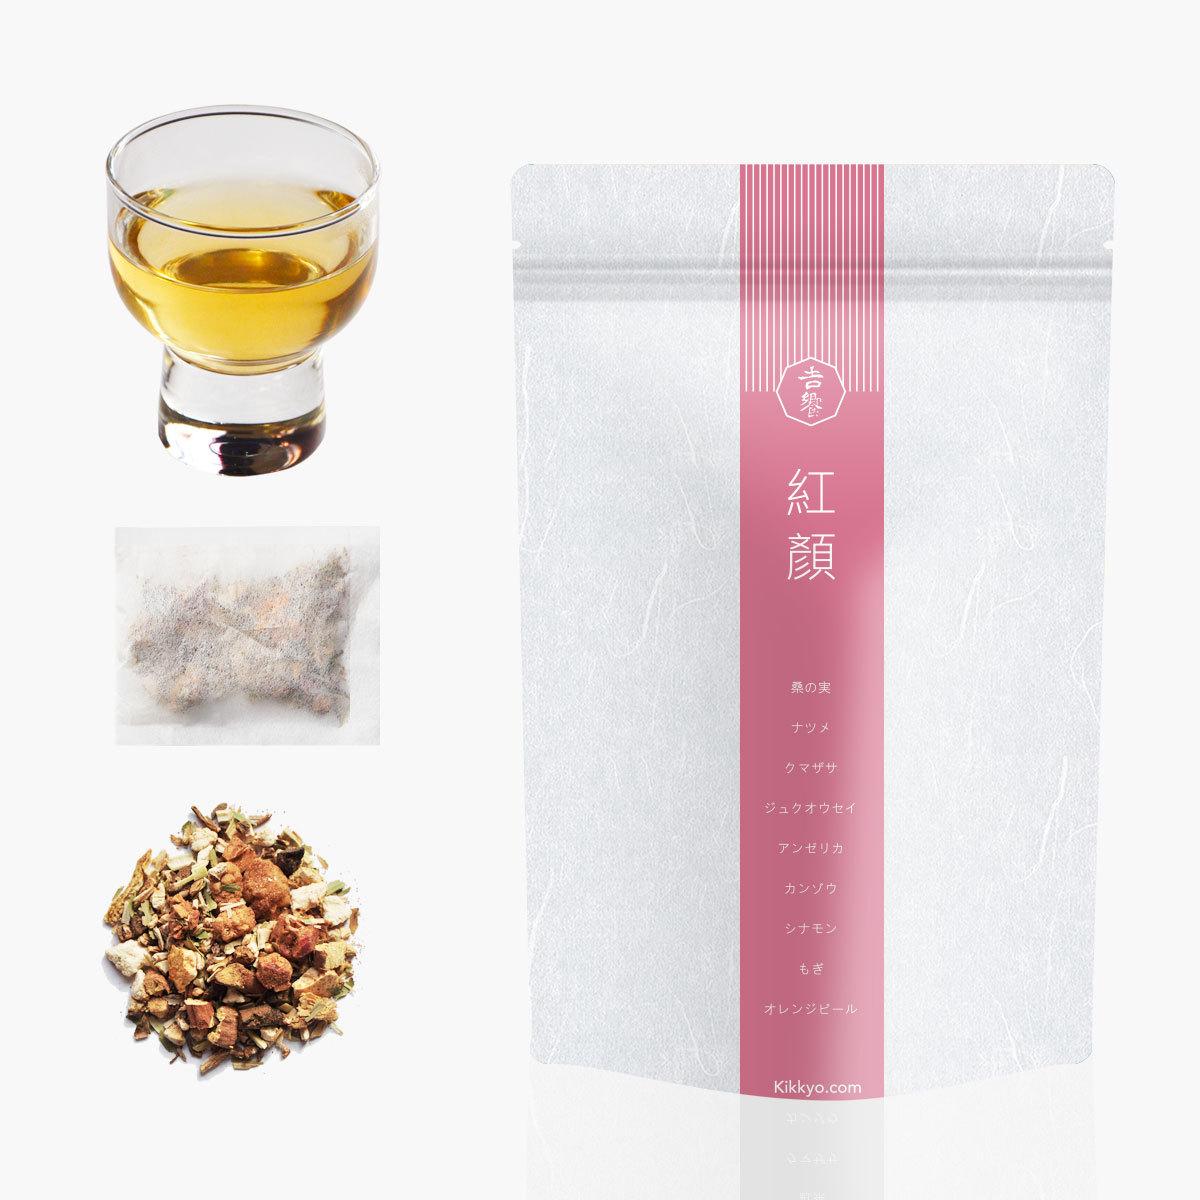 吉饗 Kikkyo・和漢茶・紅顏・キレイが一目瞭然 すべての女性に 香料 保存料 添加物不使用 ノンカフェイン